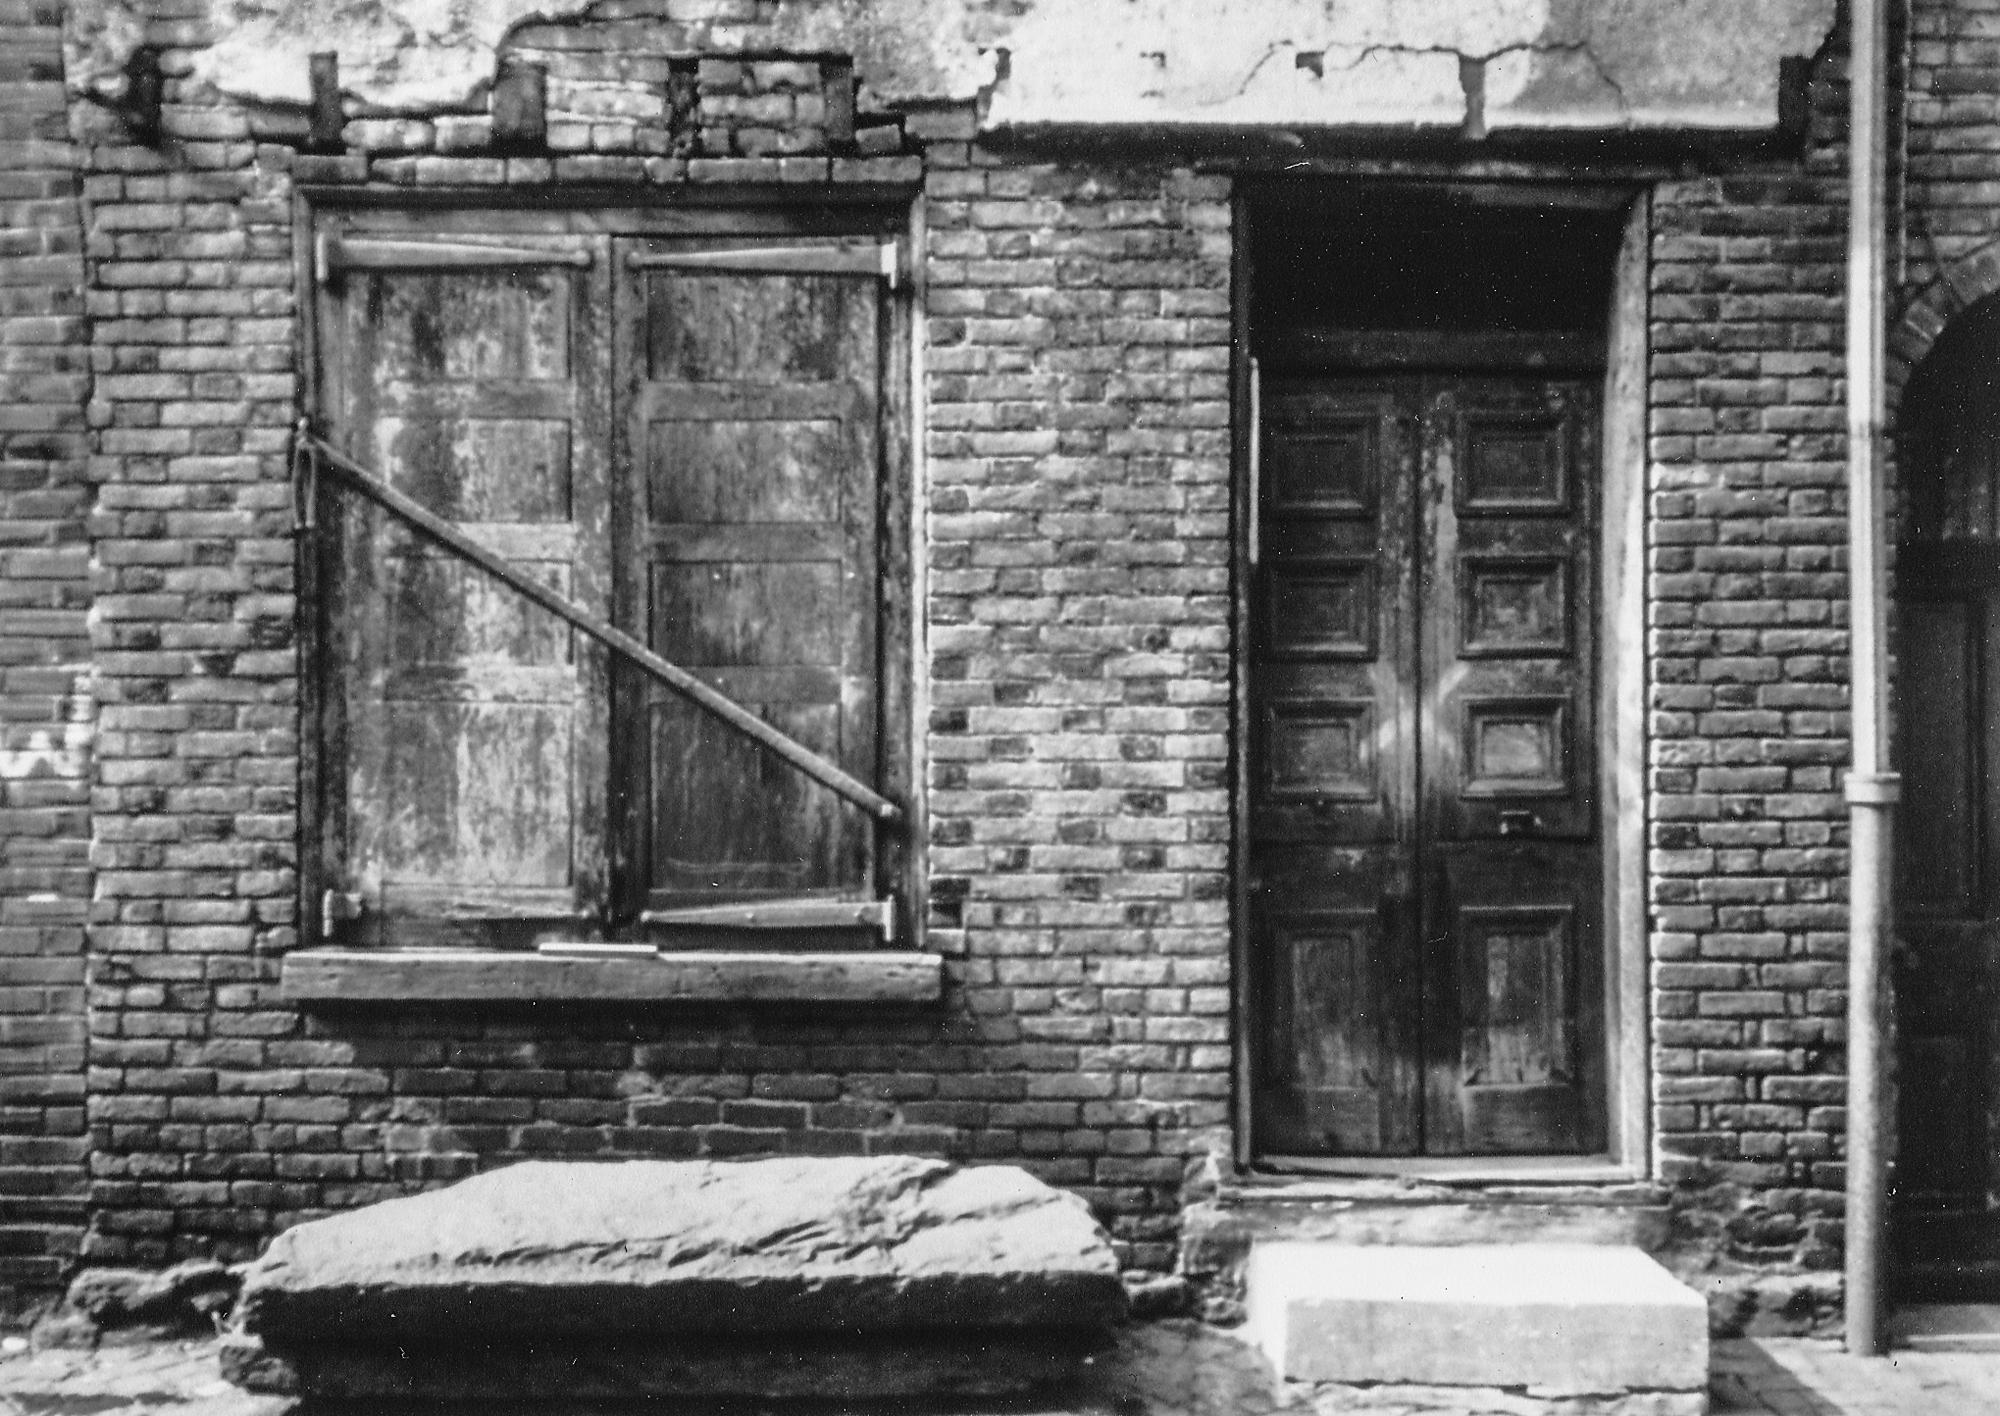 House no. 108, circa 1981.